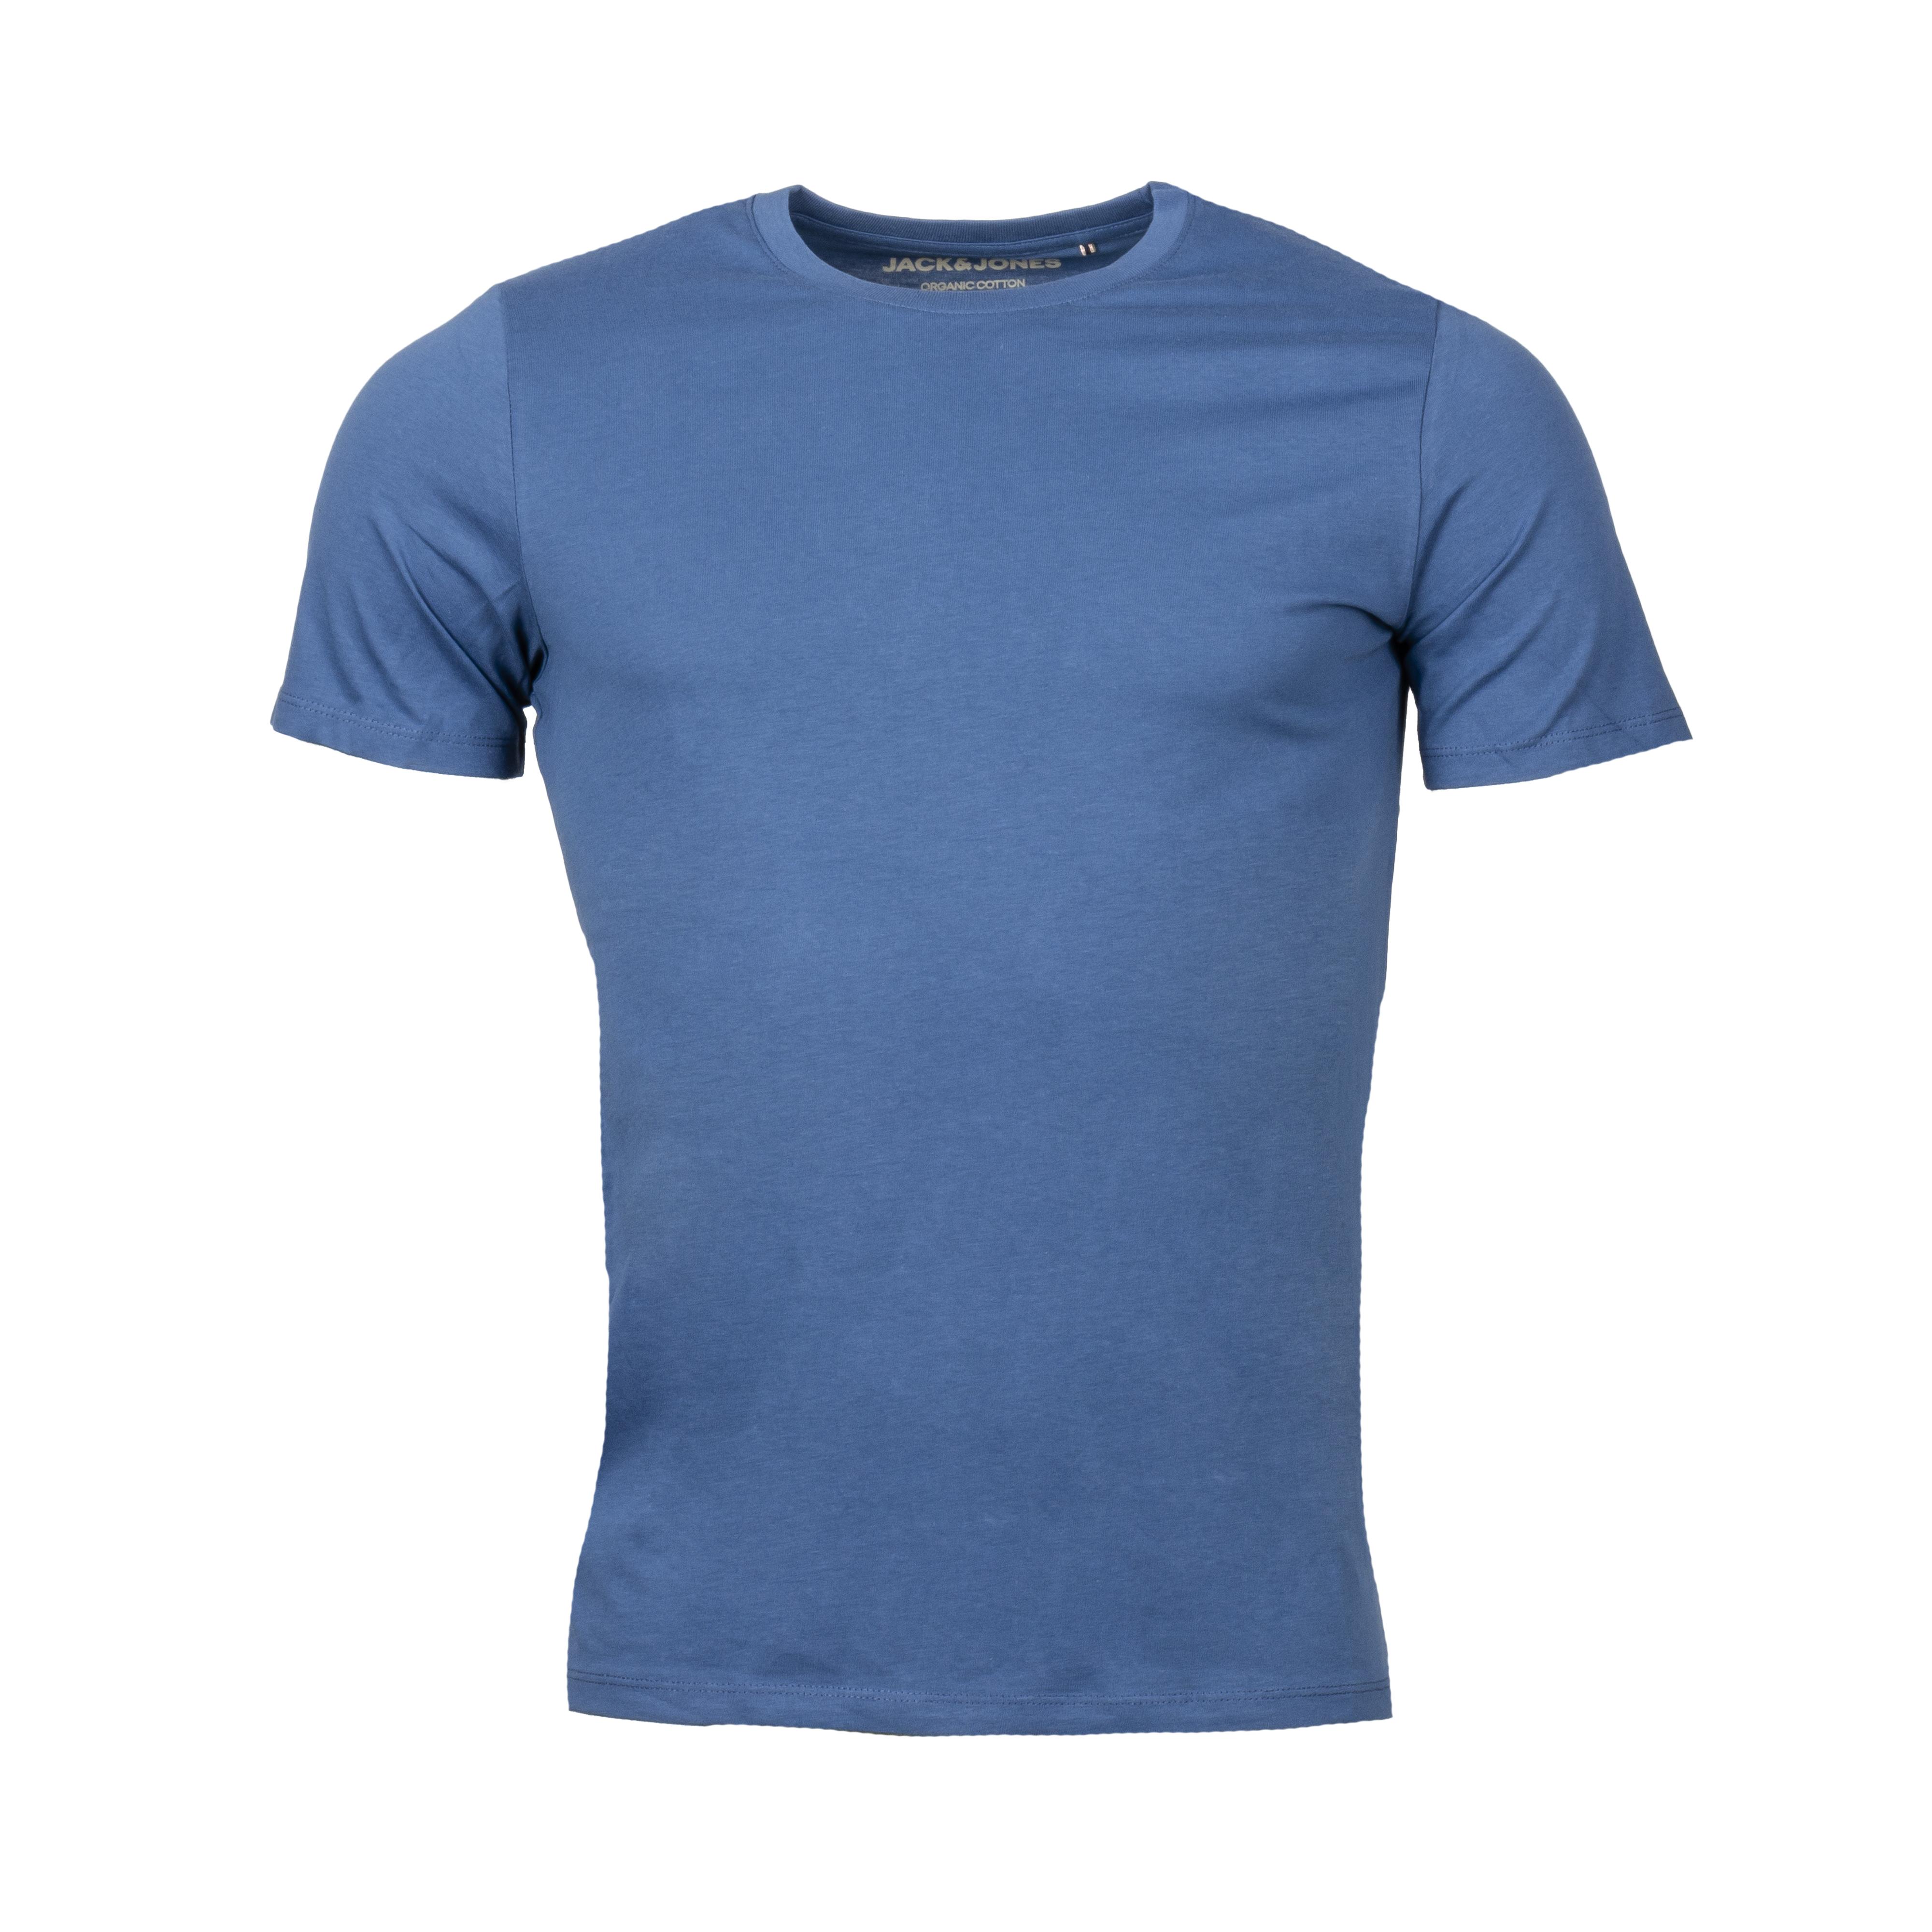 Tee-shirt col rond  organic en coton biologique bleu pétrole